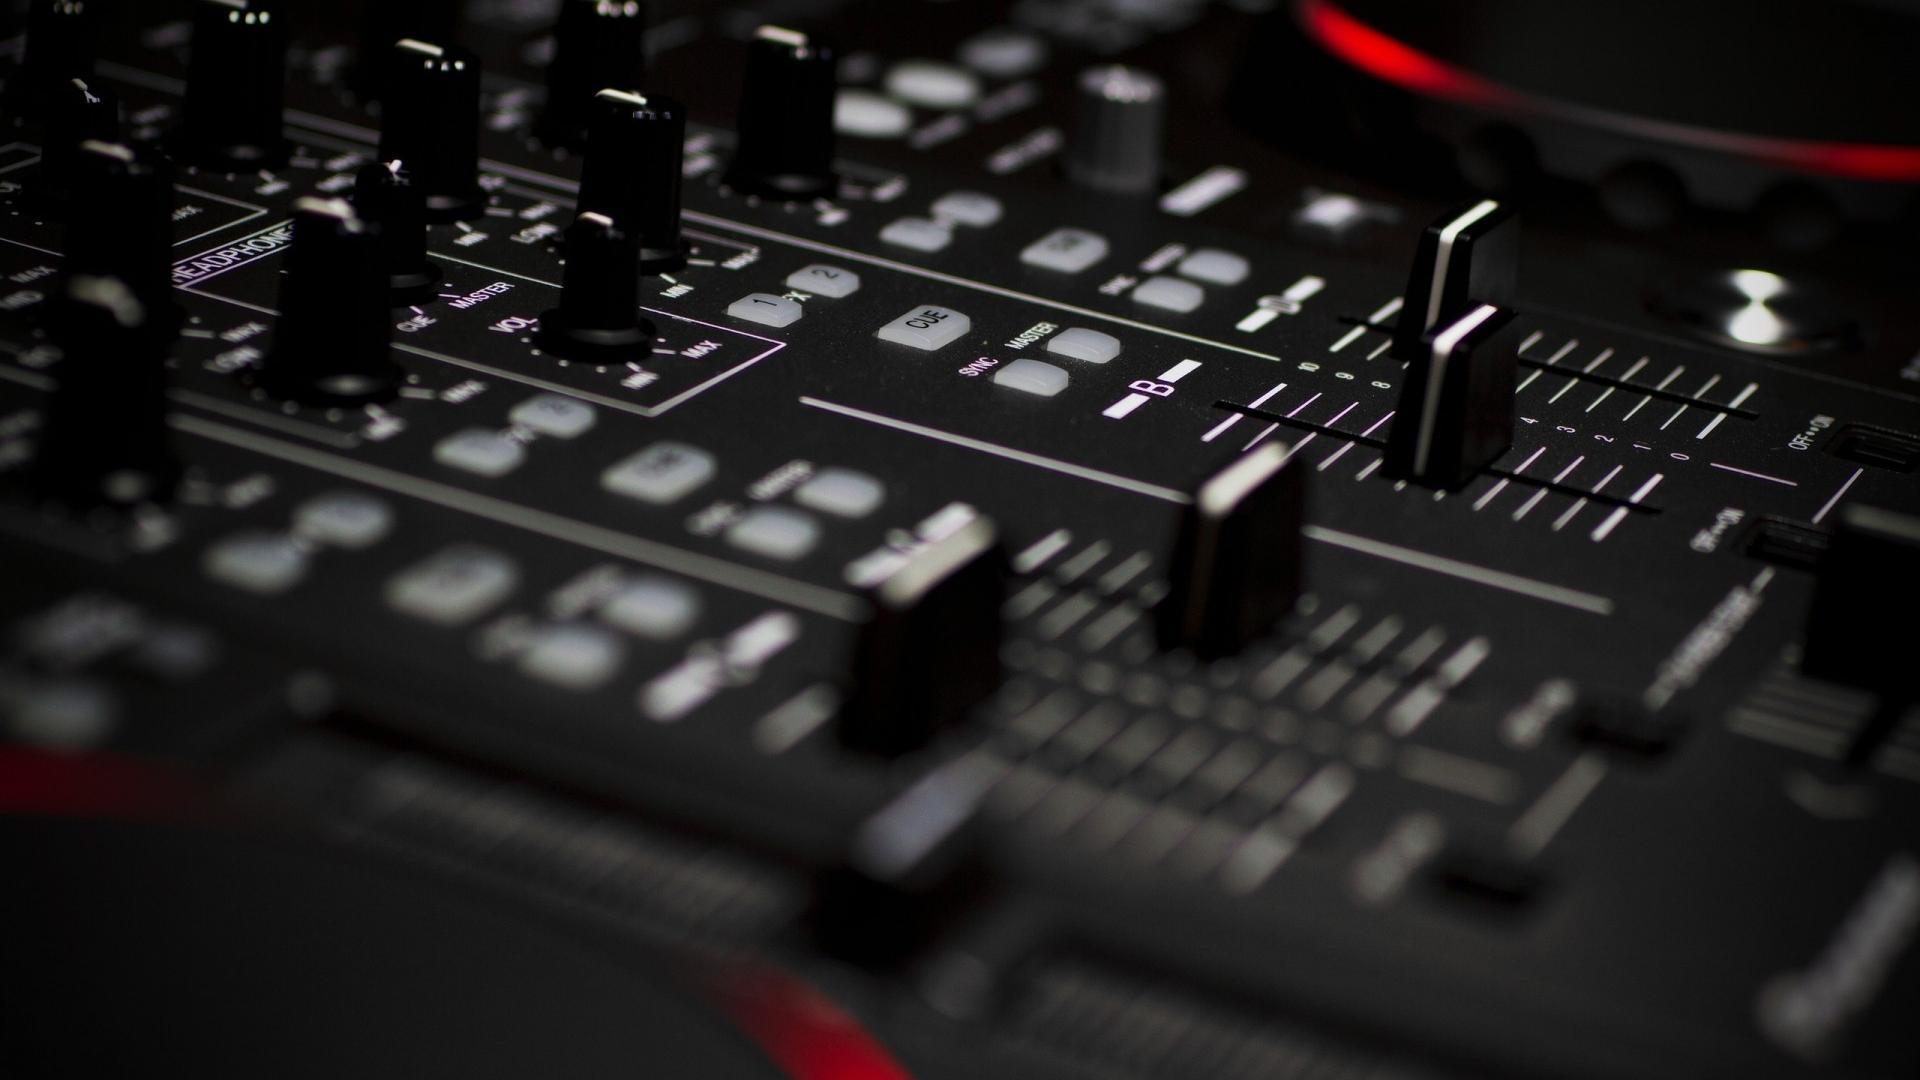 Sound controller photo